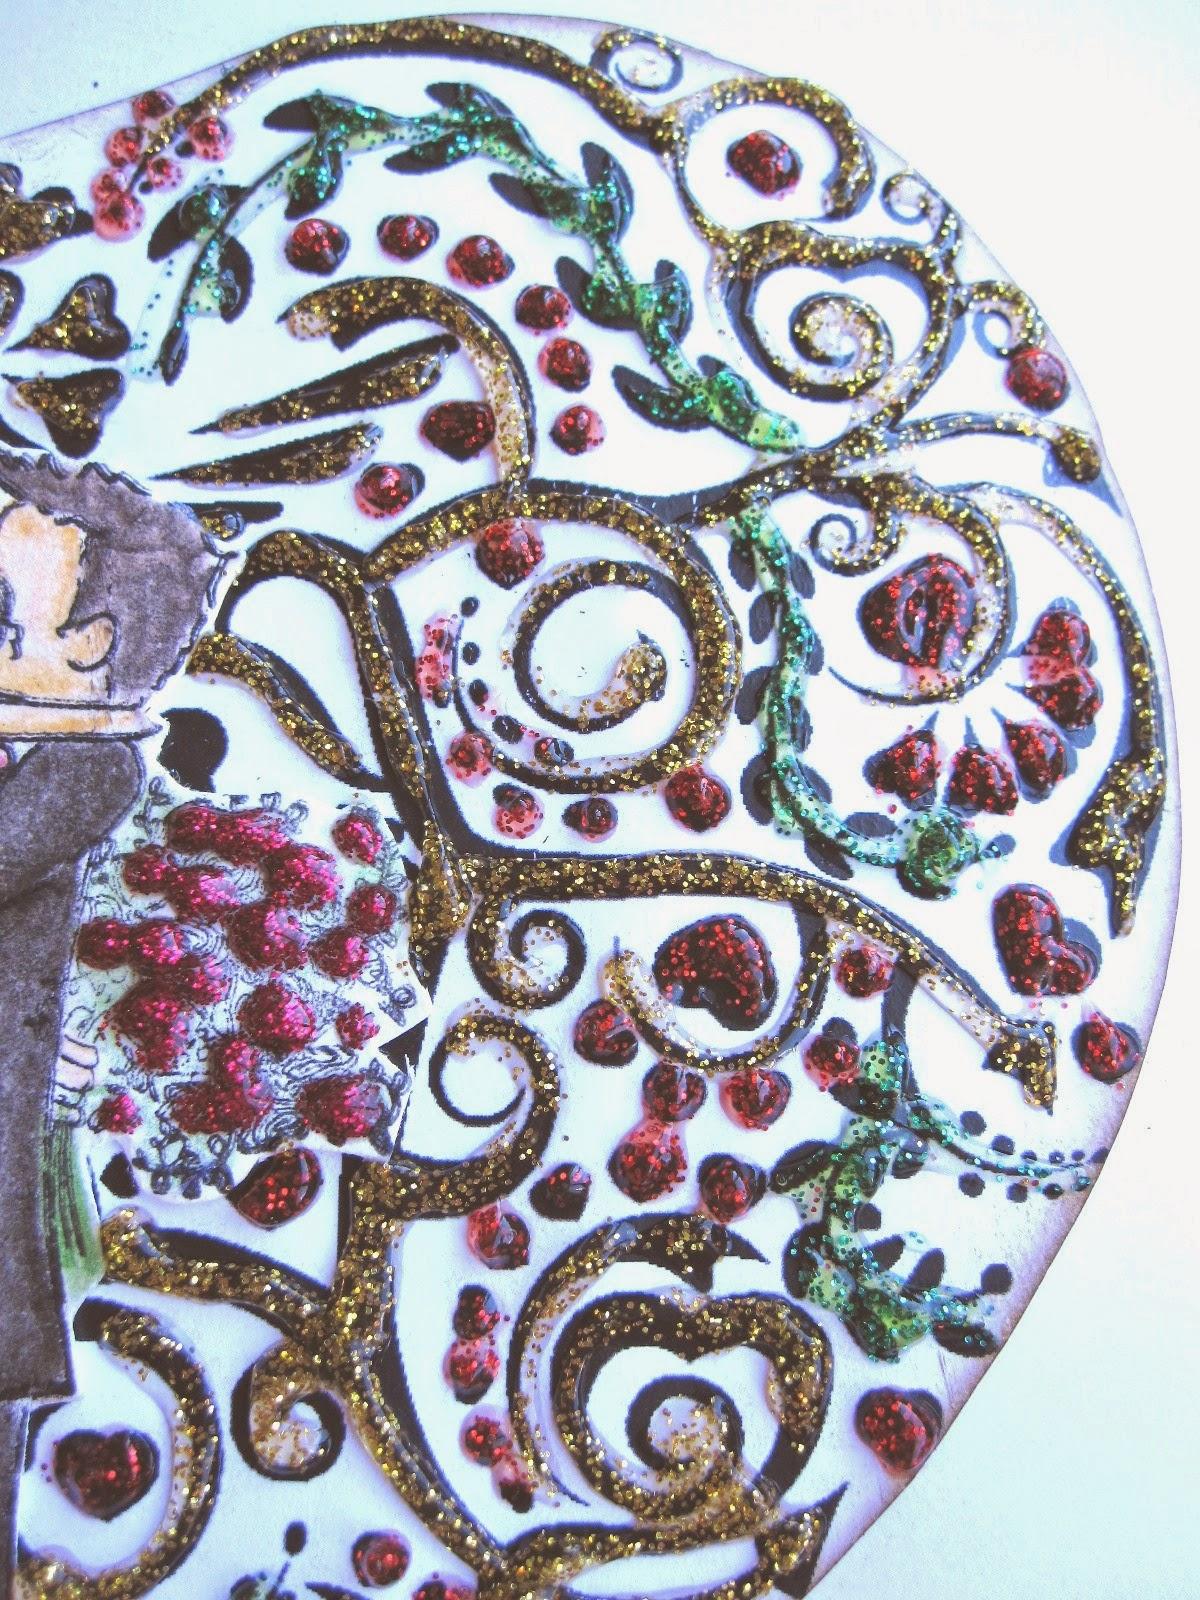 otro detalle de tarjeta de scrapbooking para San Valentín con corazón de filigrana decorado con glitter glue rojo, verde y amarillo